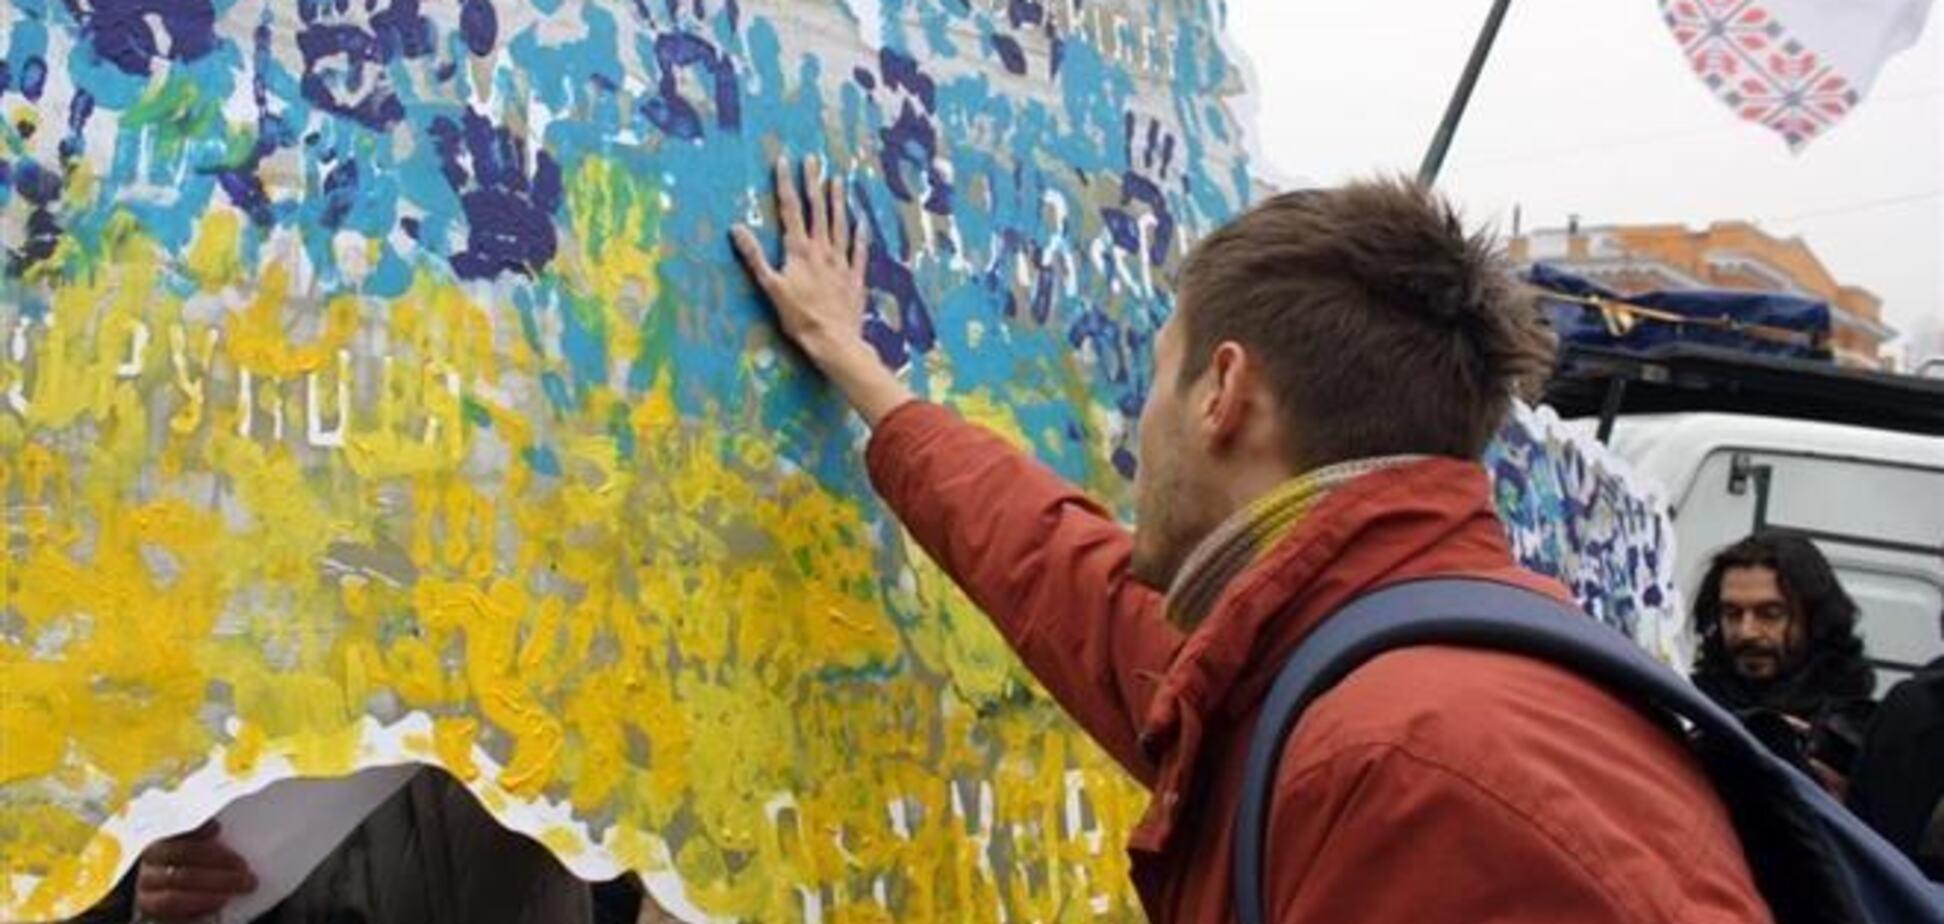 Тягнибок регистрирует бренд 'Евромайдан' в России